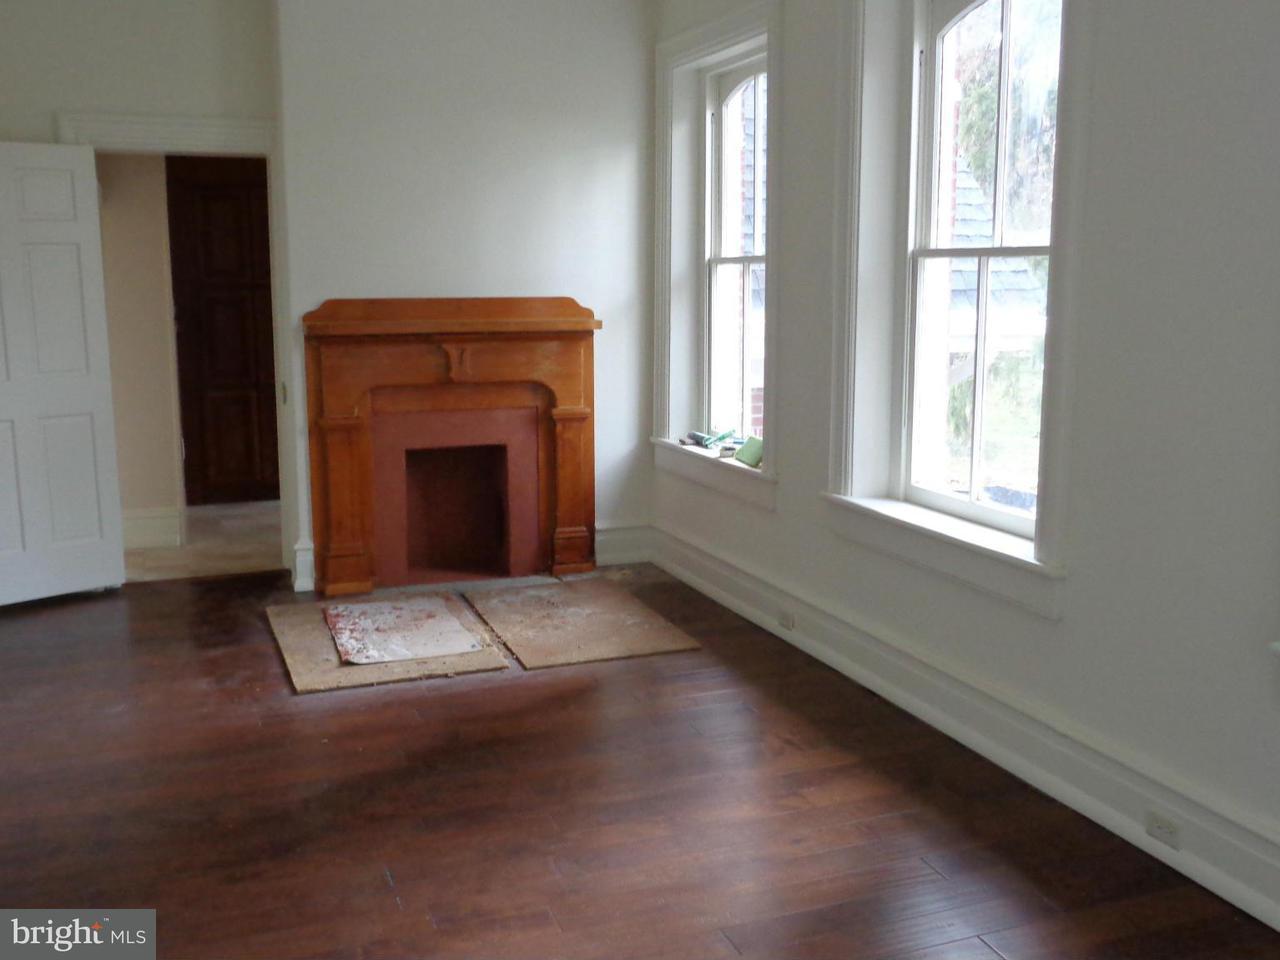 Maison unifamiliale pour l Vente à 213 PRINCE Street 213 PRINCE Street Shippensburg, Pennsylvanie 17257 États-Unis